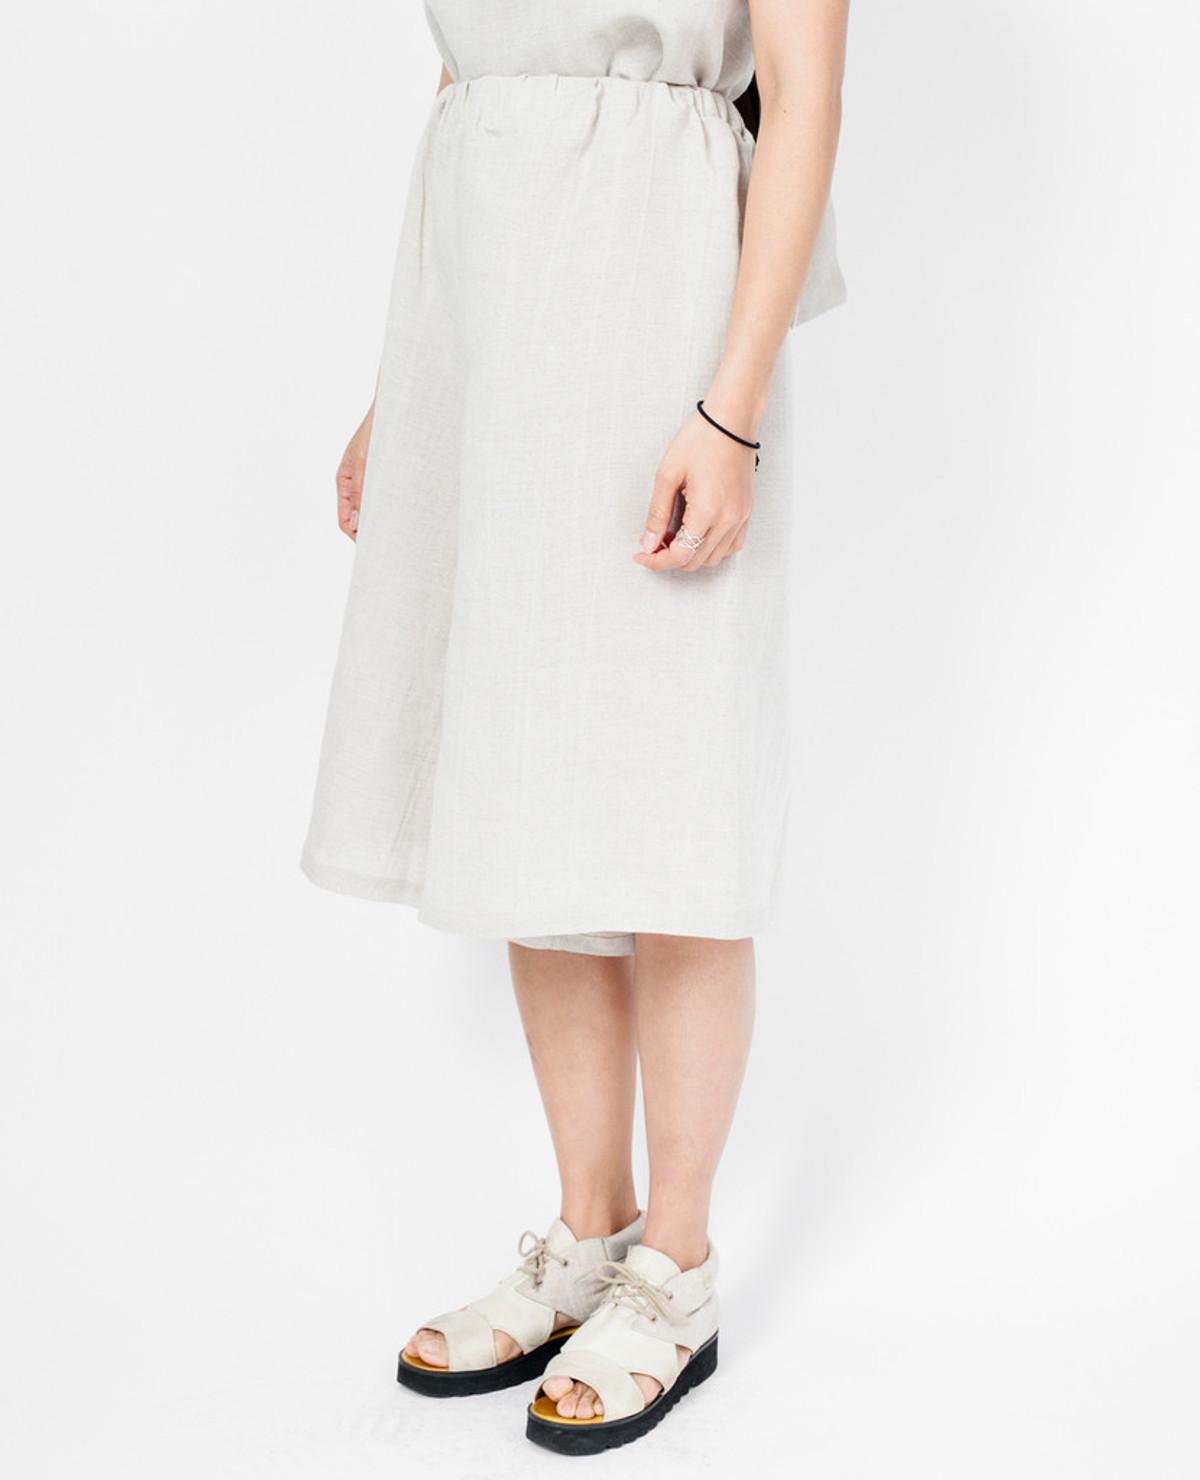 Loew Culottes - Natural Linen